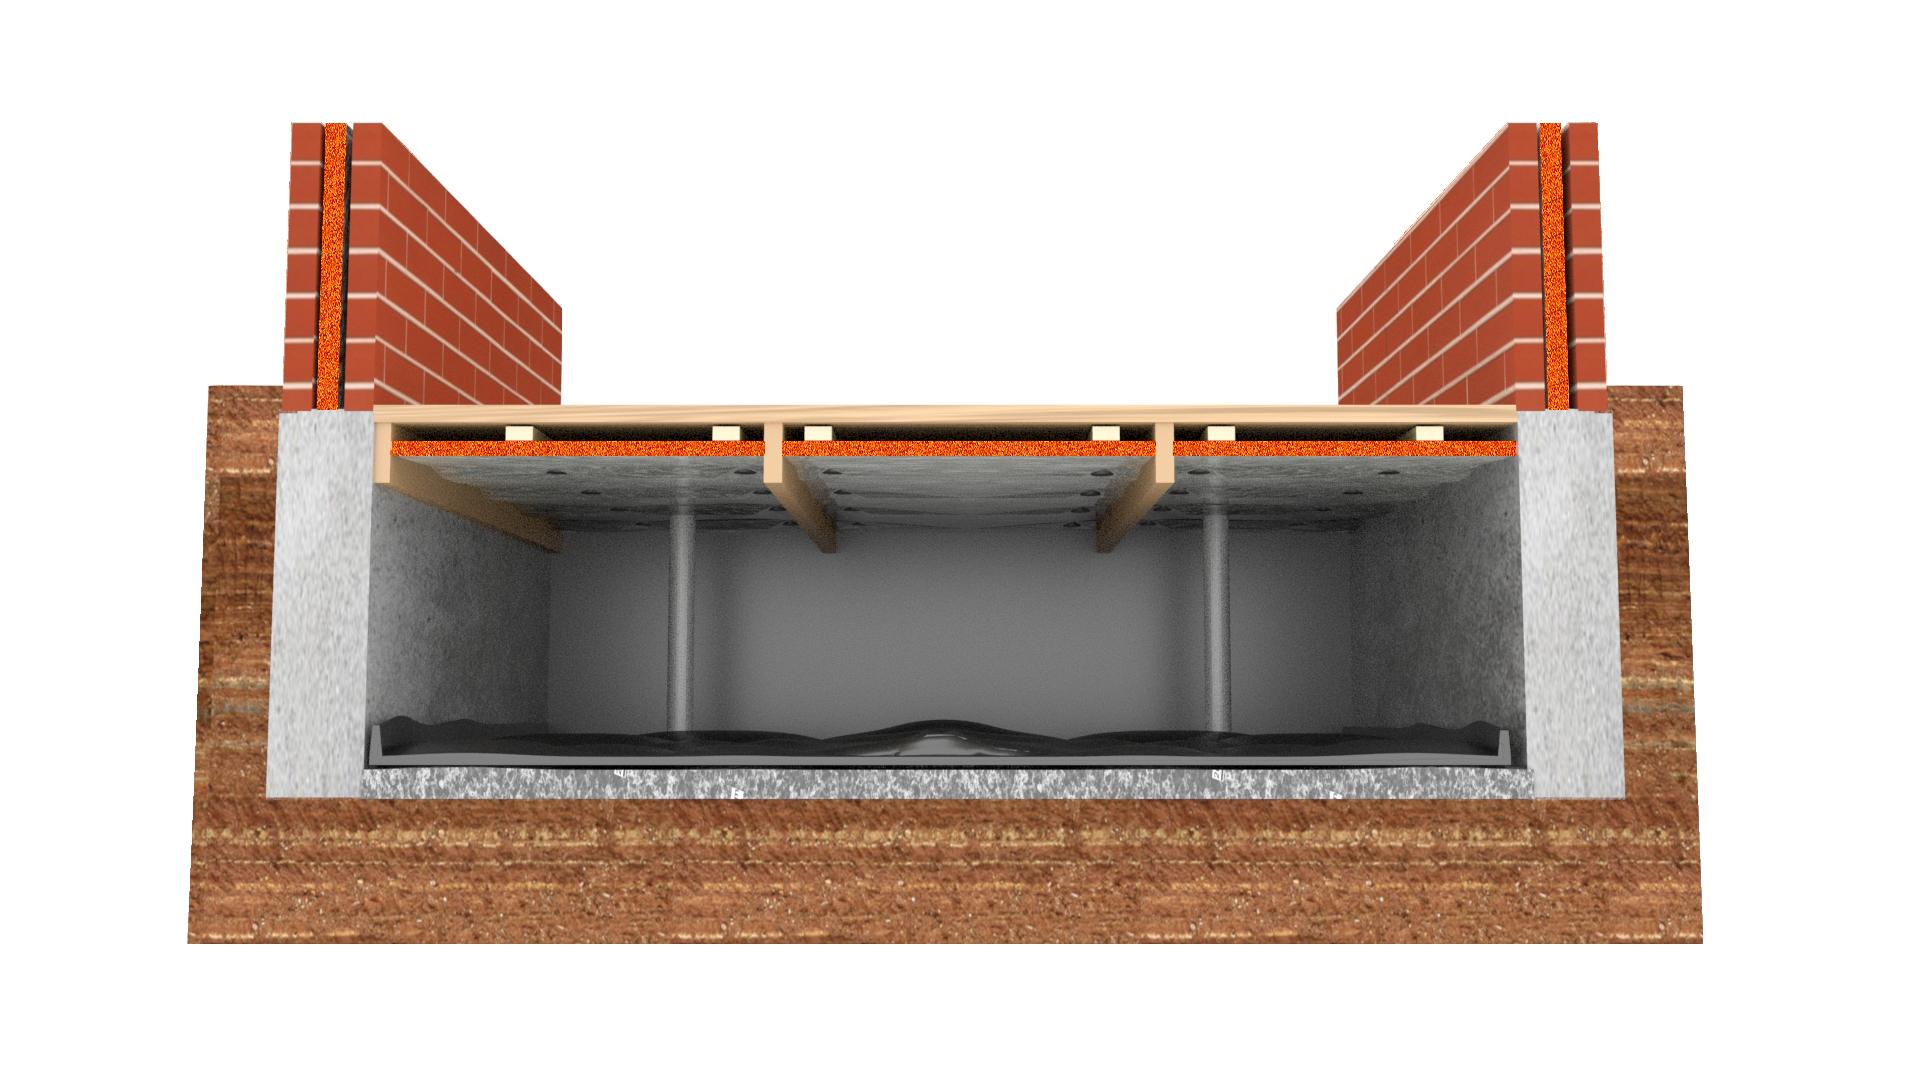 houten vloer met bodemfolie bewerkt transparent